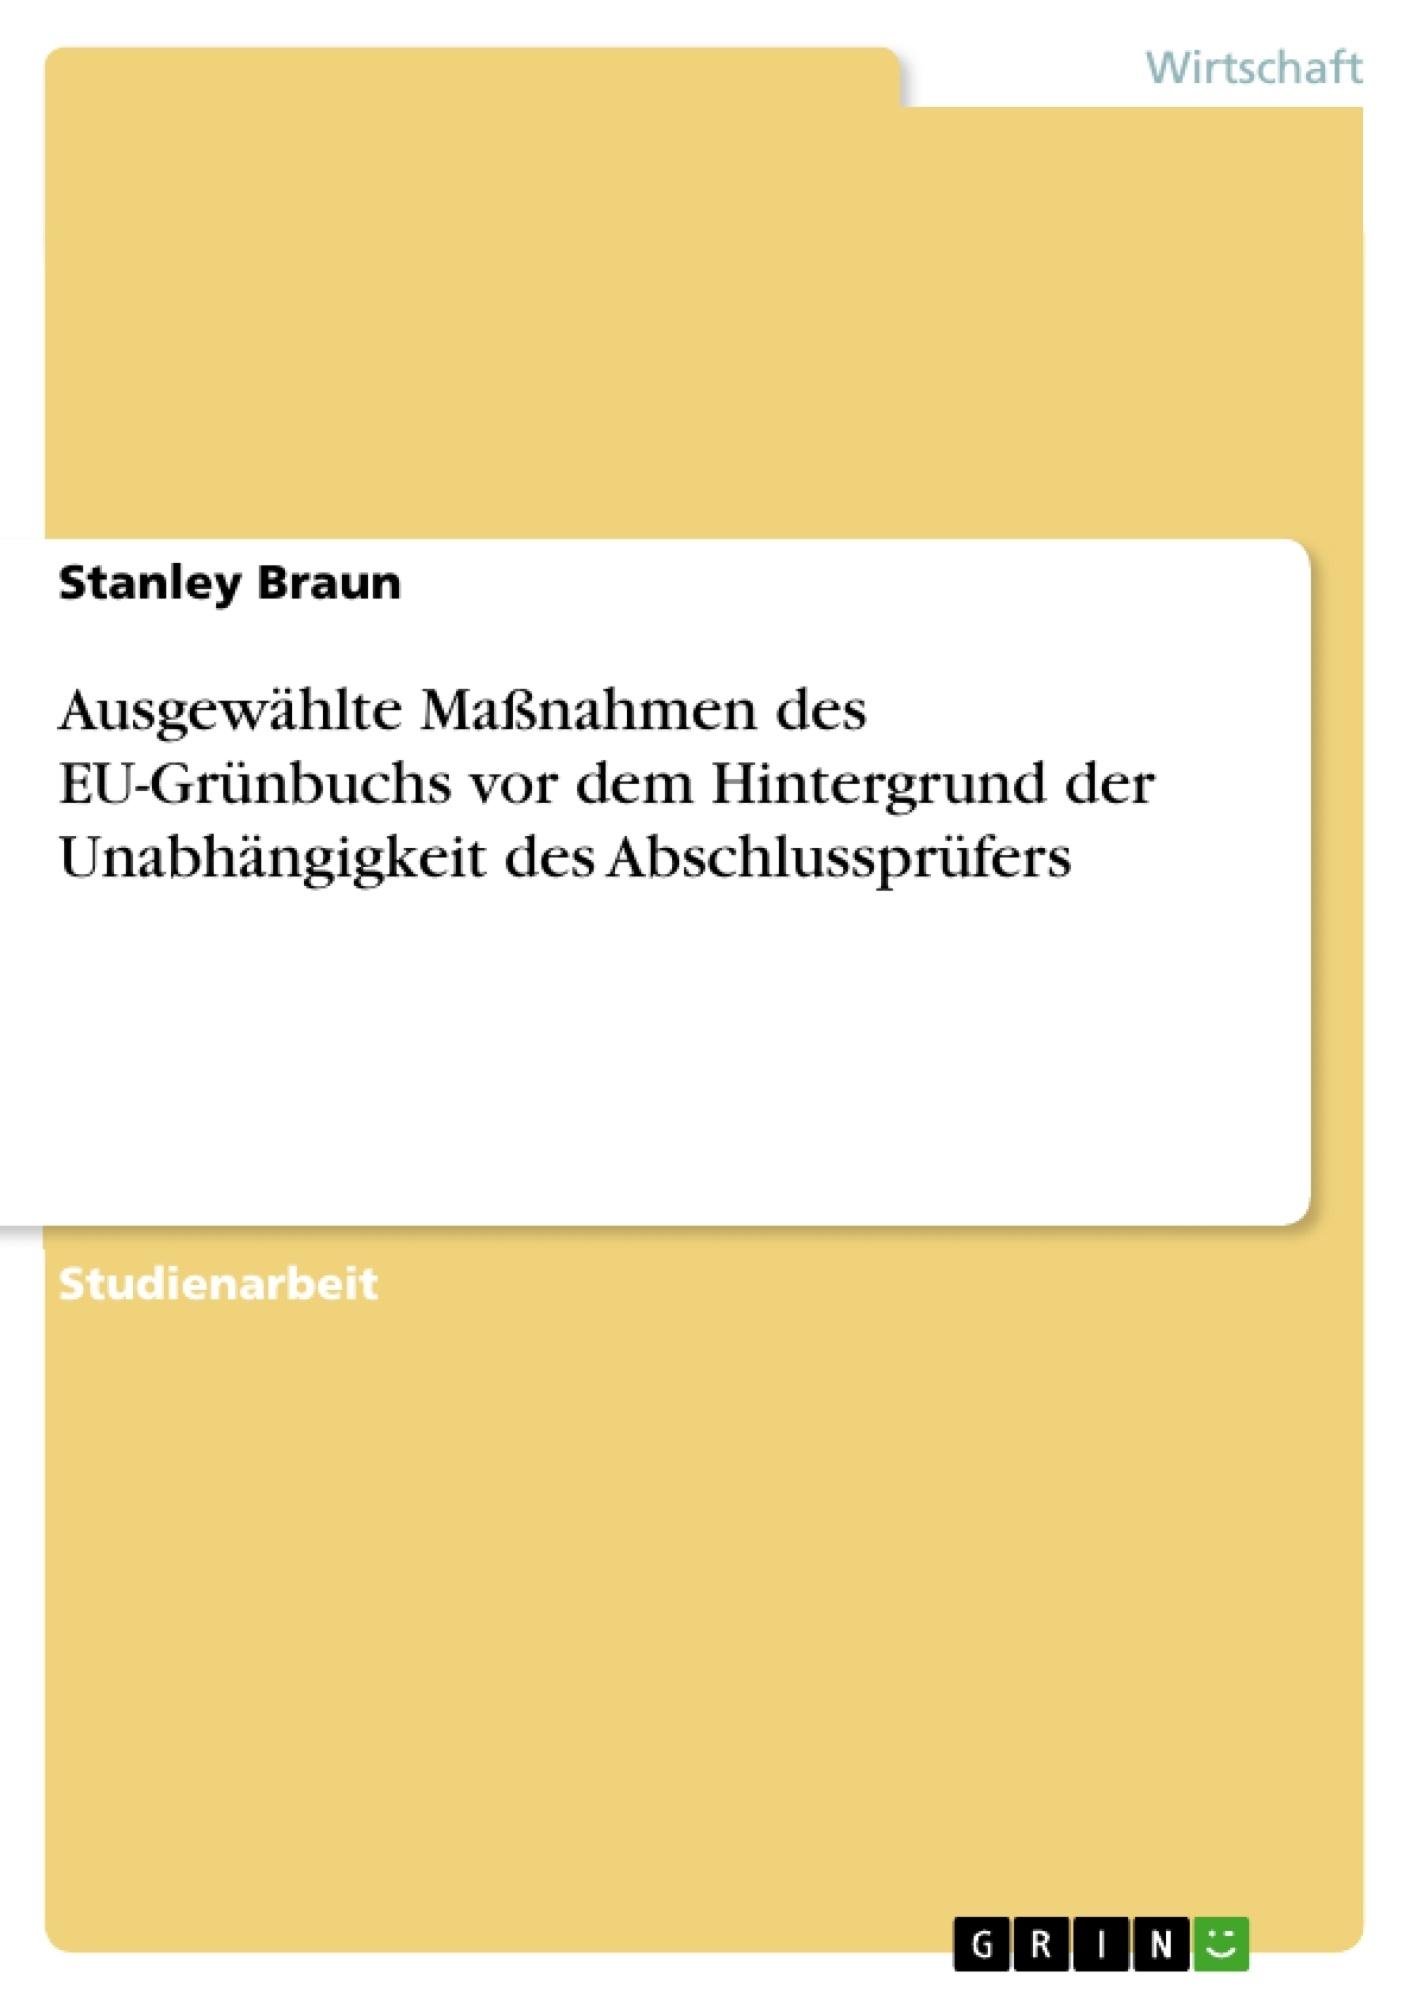 Titel: Ausgewählte Maßnahmen des EU-Grünbuchs vor dem Hintergrund der Unabhängigkeit des Abschlussprüfers